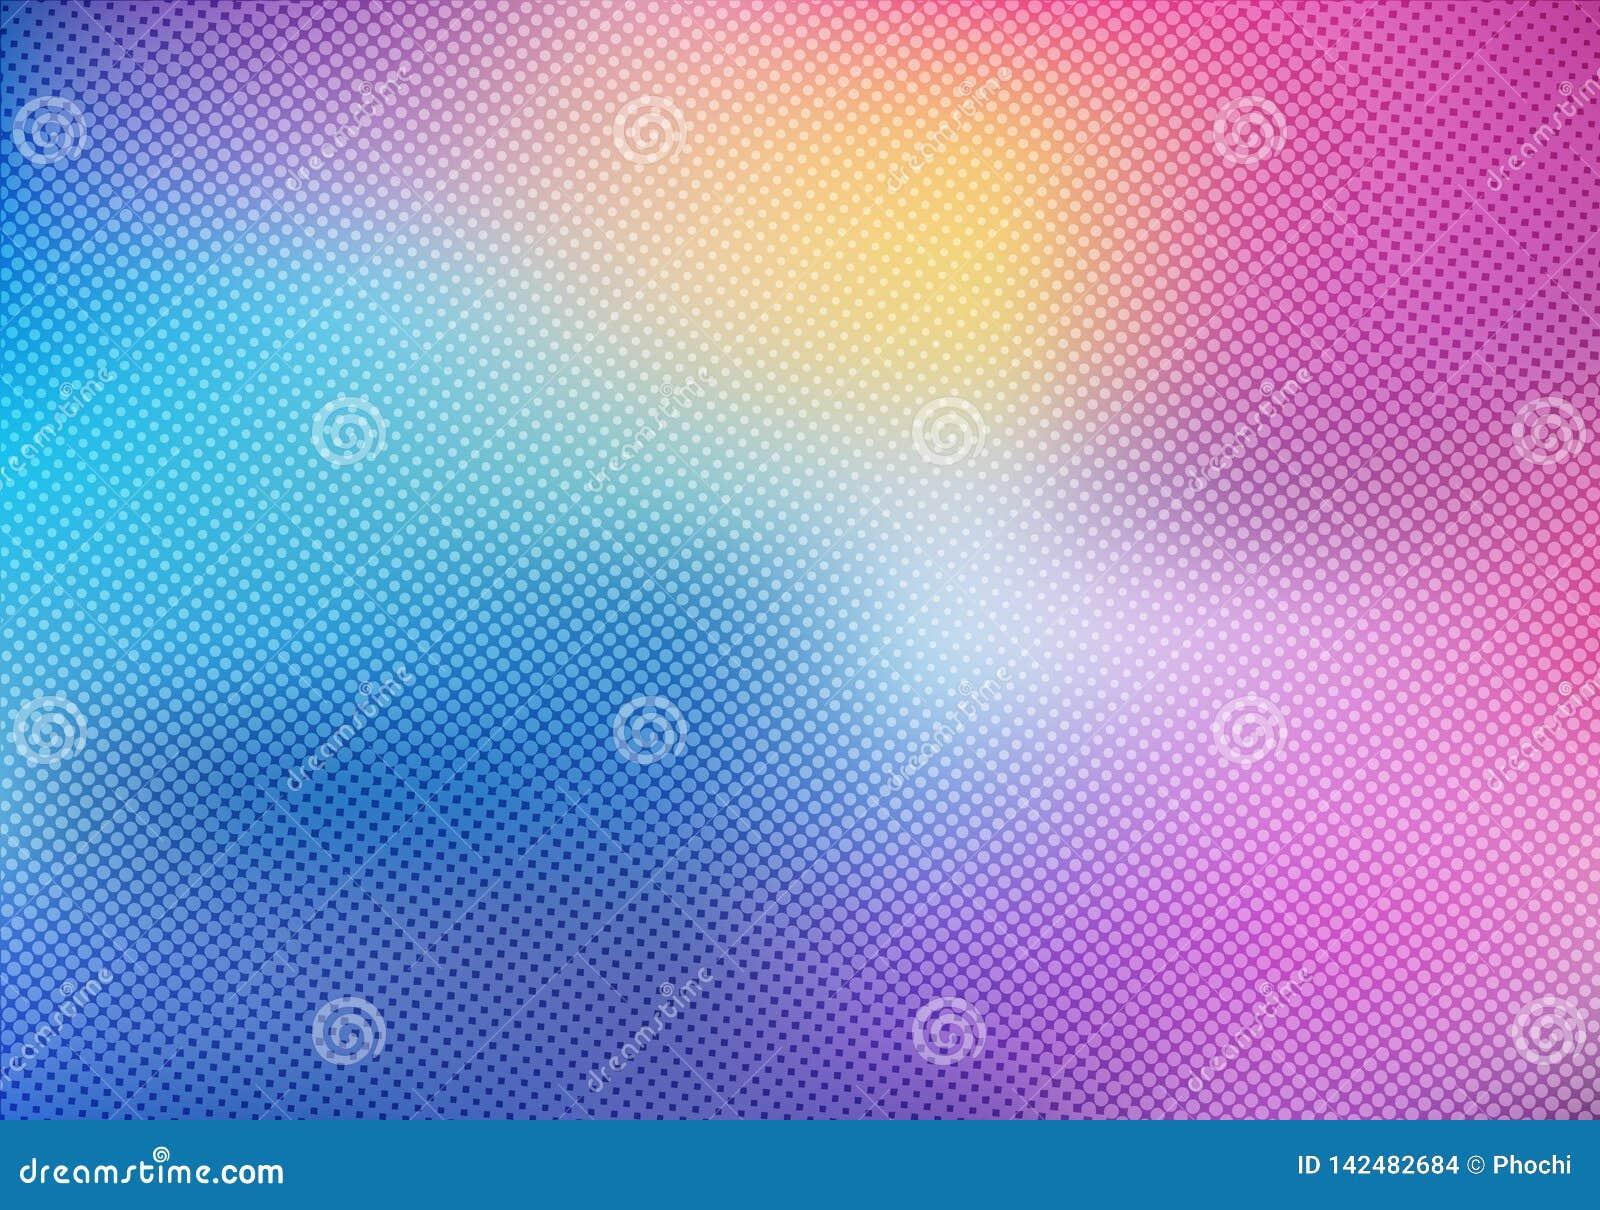 Fondo borroso colorido con la textura de semitono de la capa del efecto